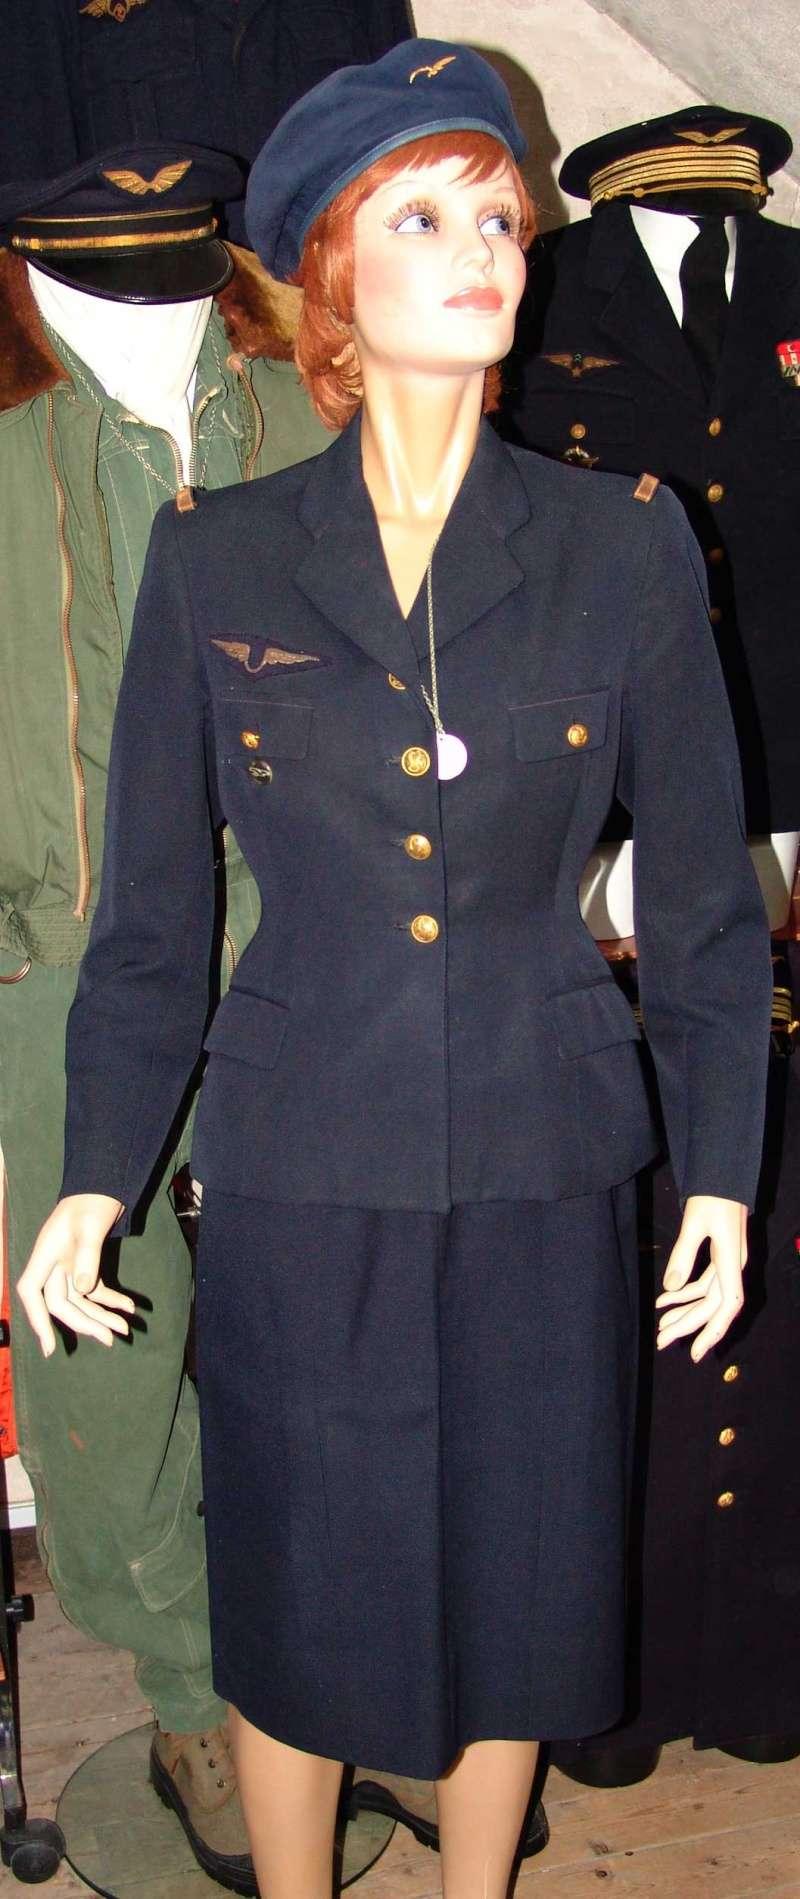 armee de l air - Aviation - Armée de l'air française de 1945 à 1962 Dsc09618